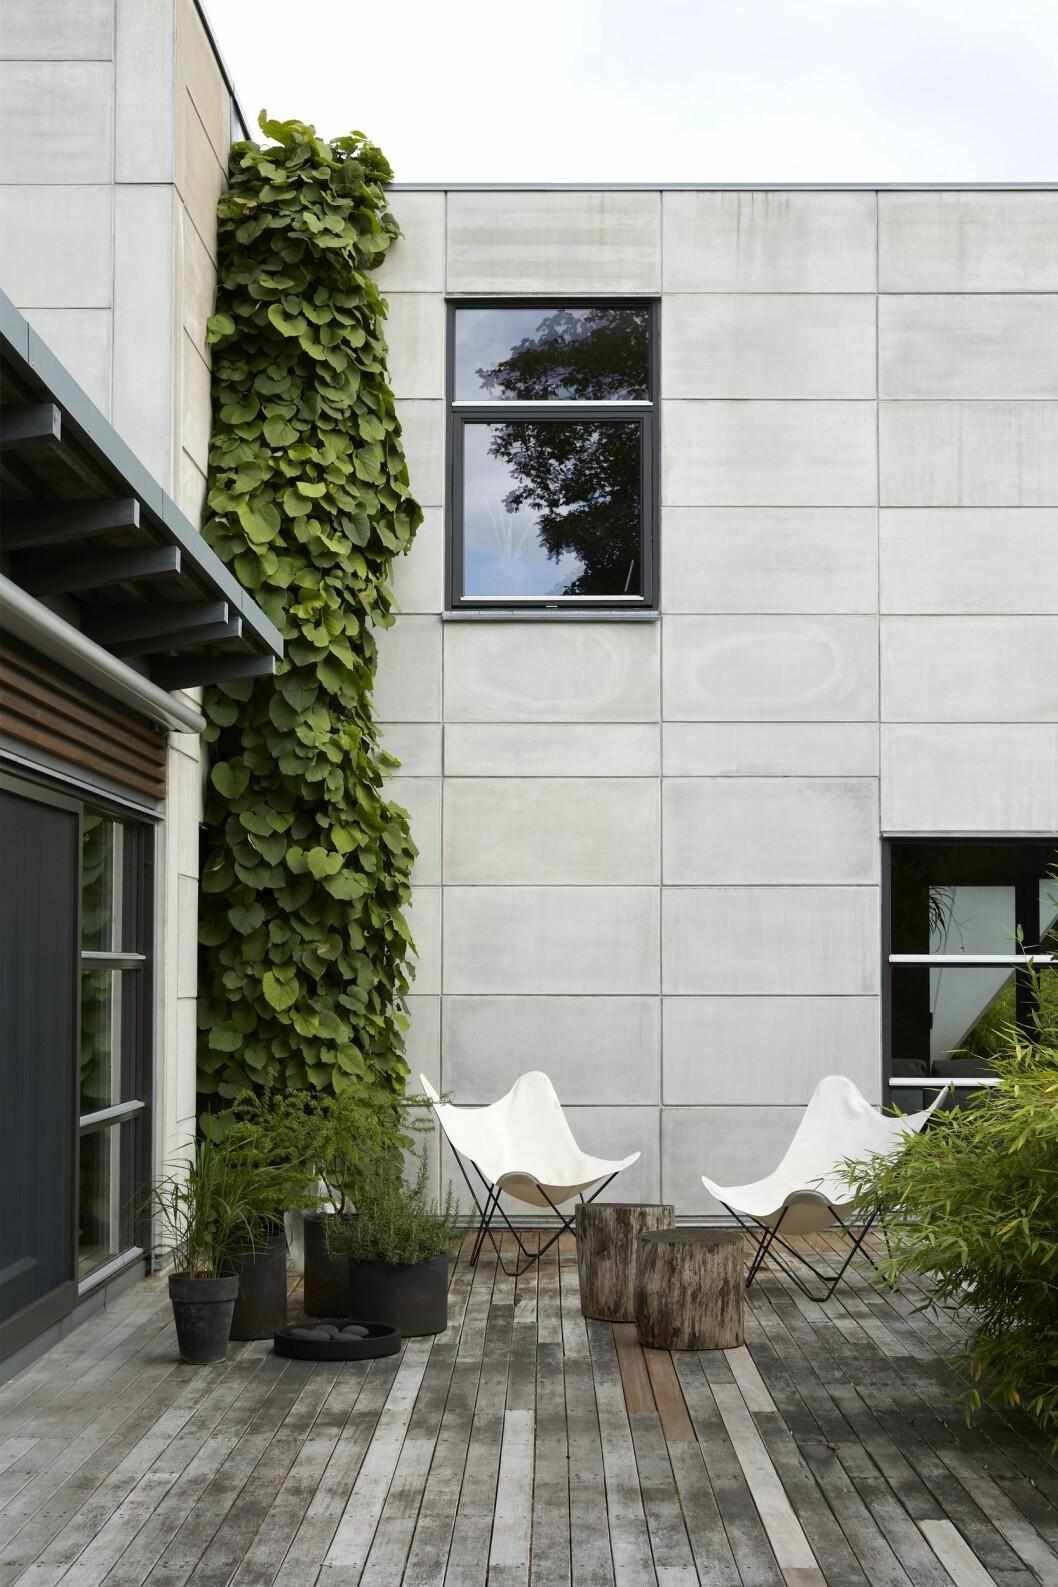 Pipranka klättrar på fasaden till husets utbyggnad.